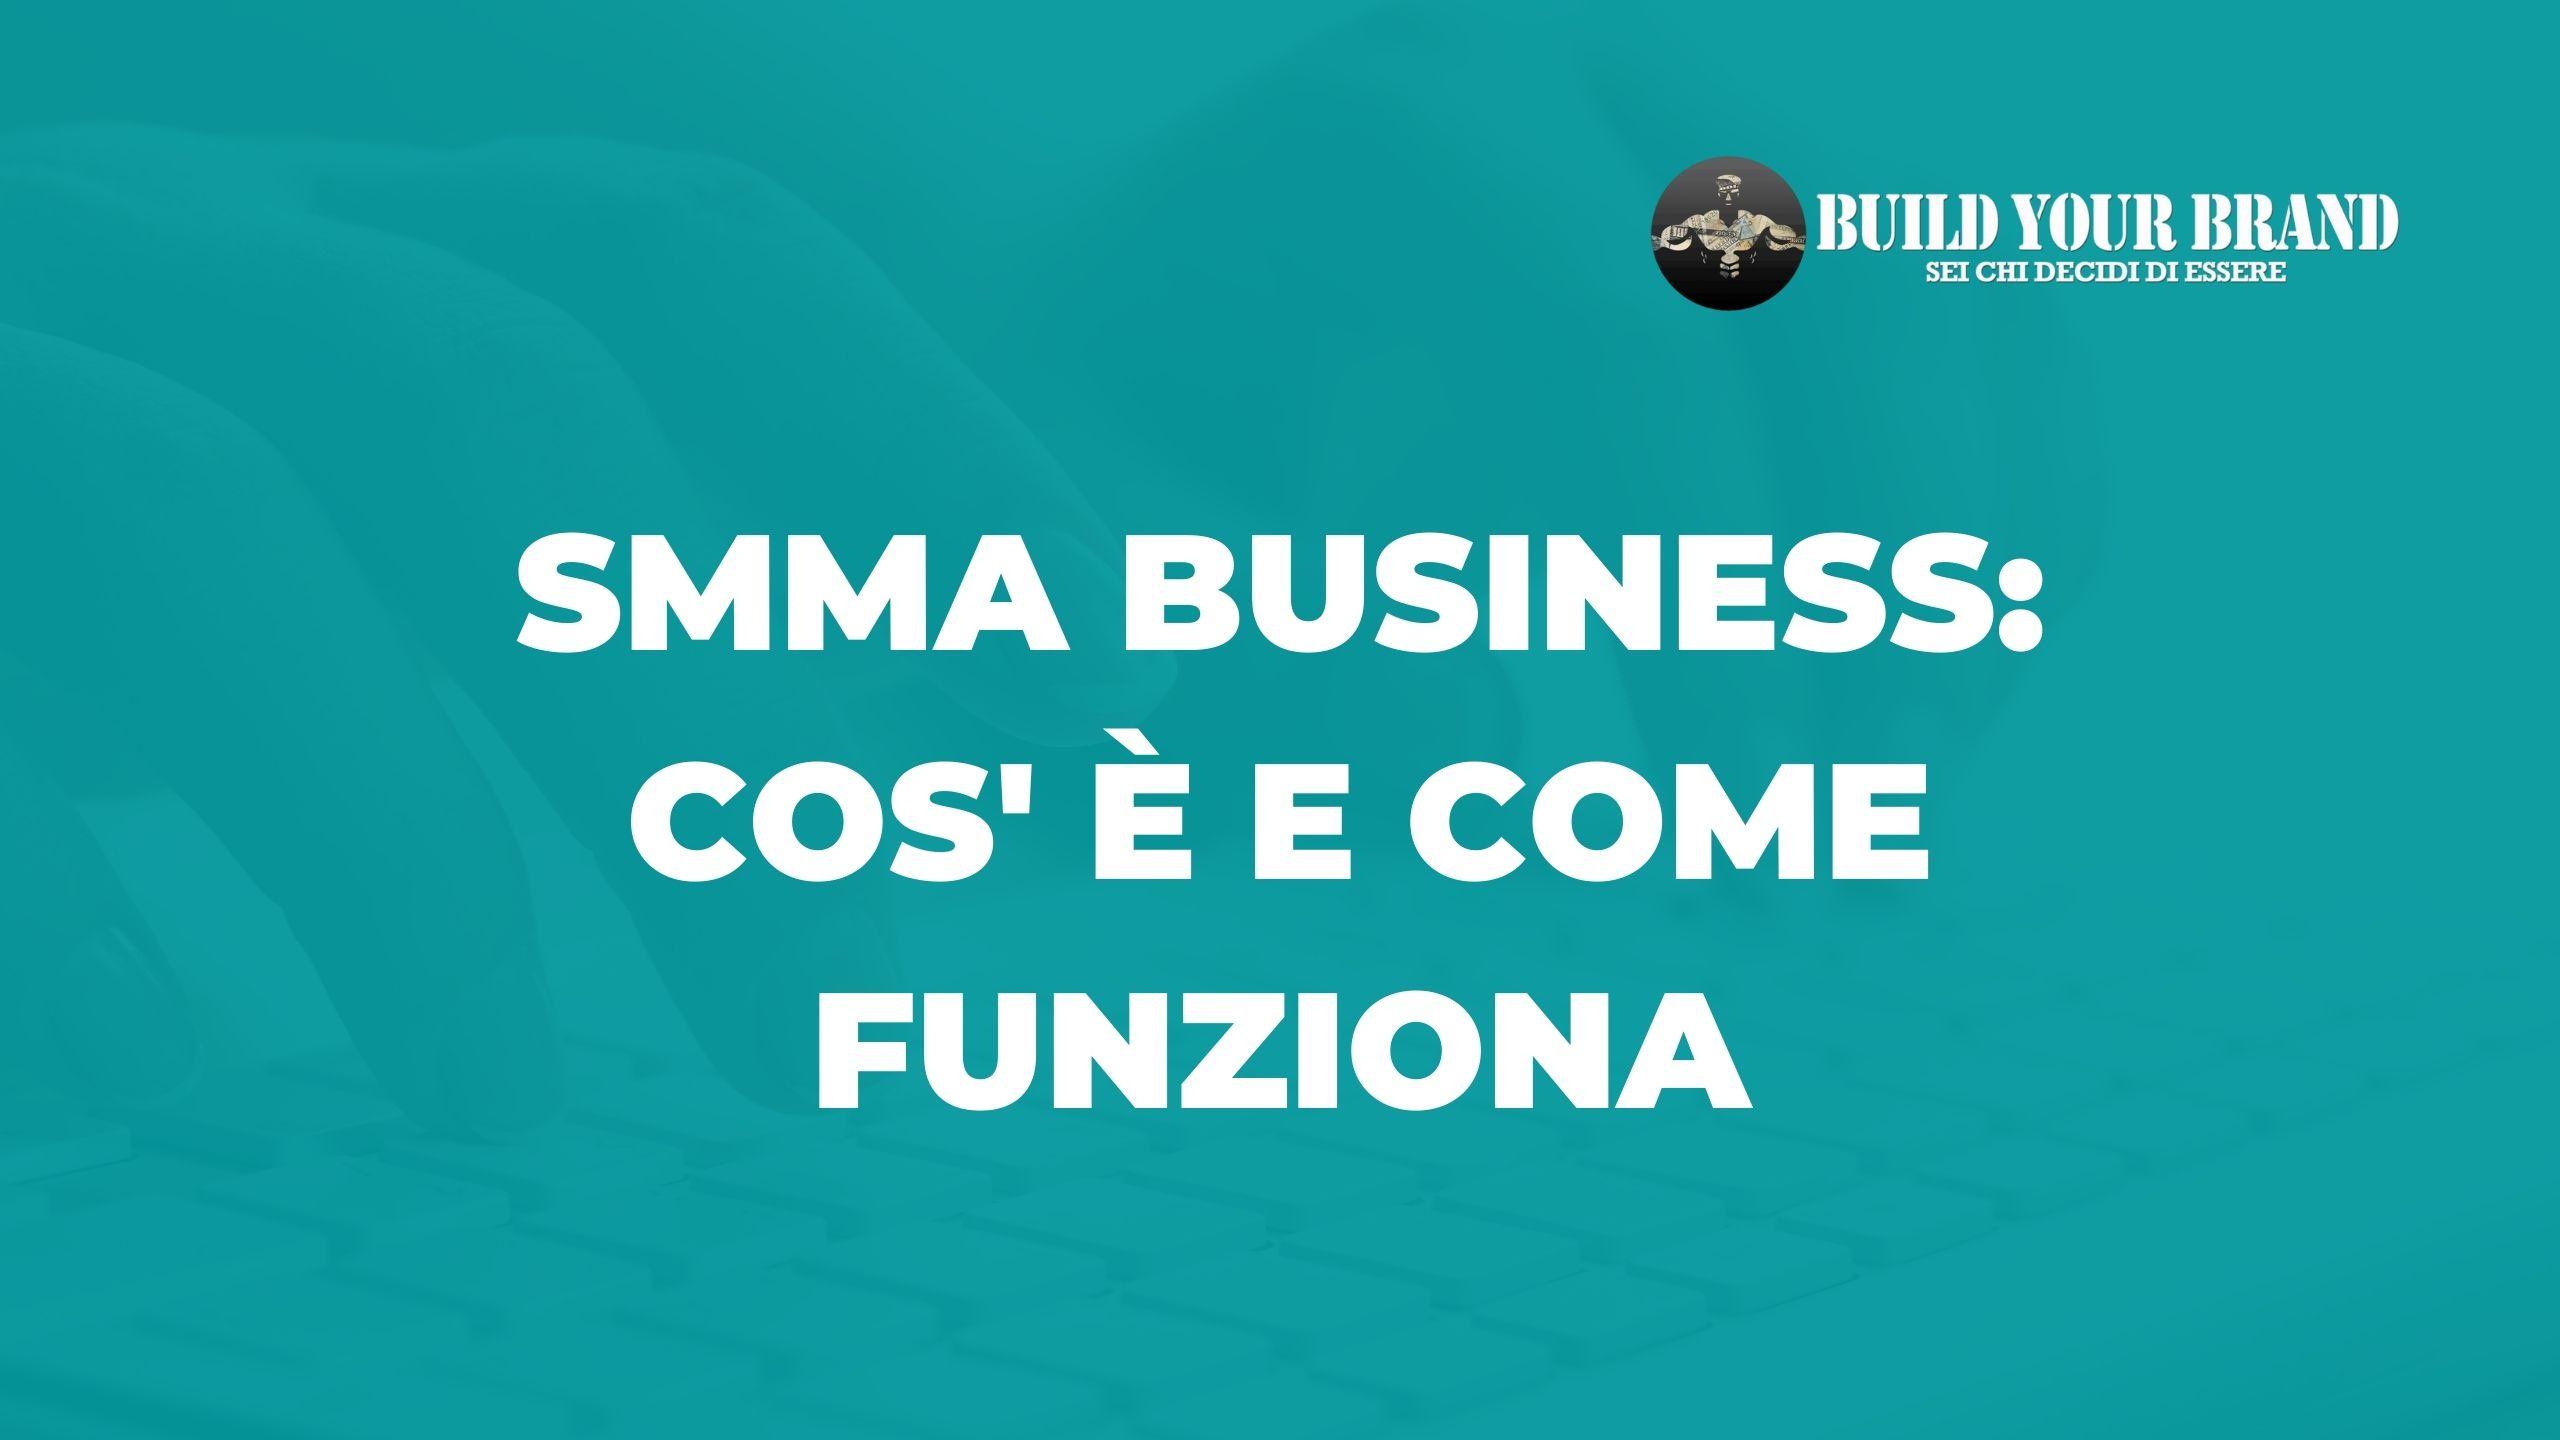 SMMA-Business-cosa-e-come-funziona